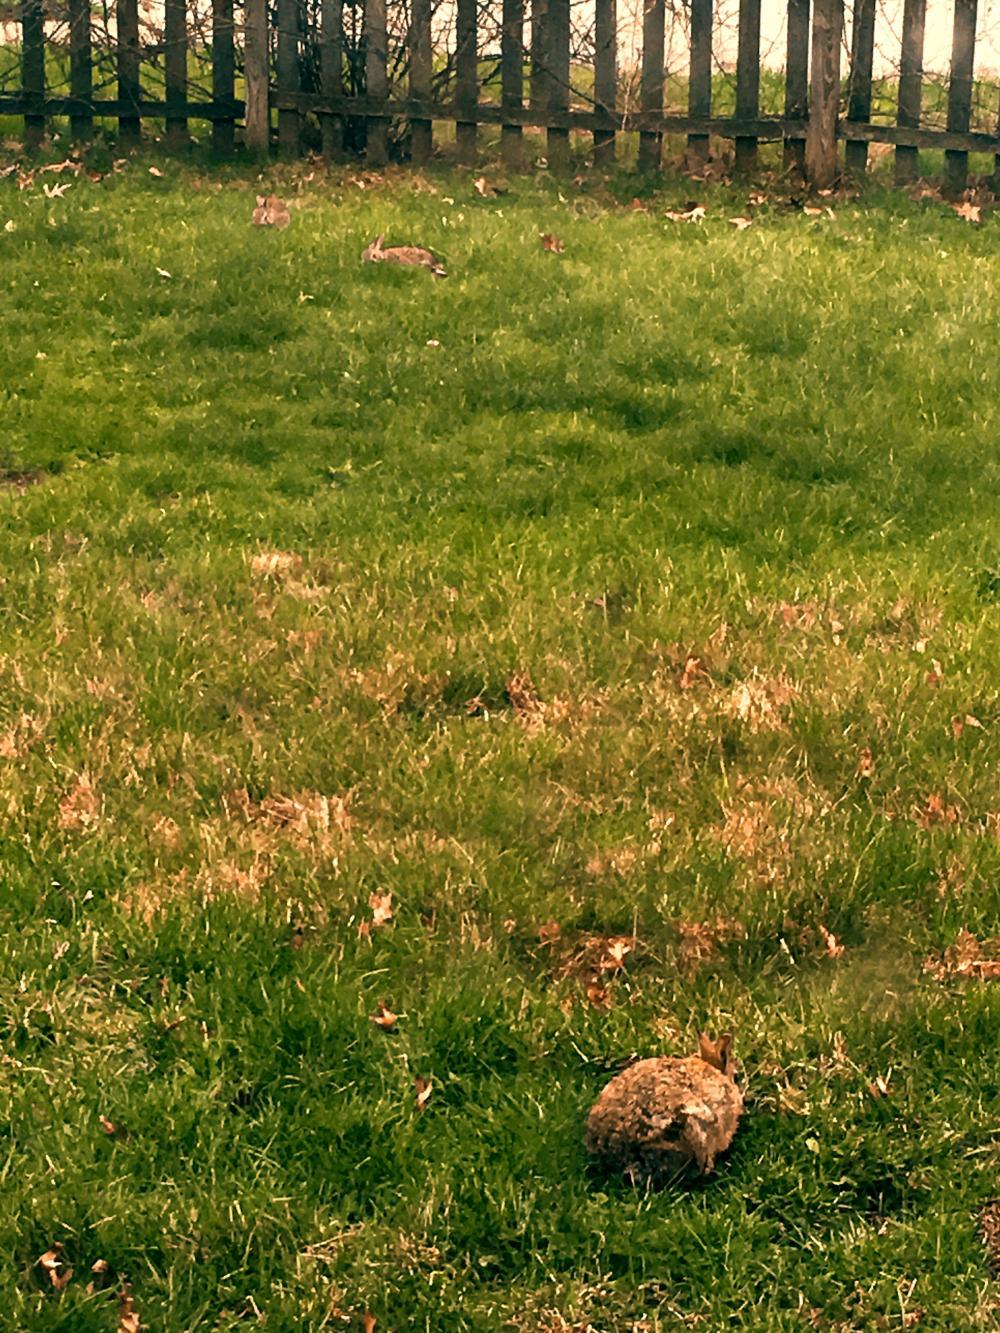 Three bunnies in the yard